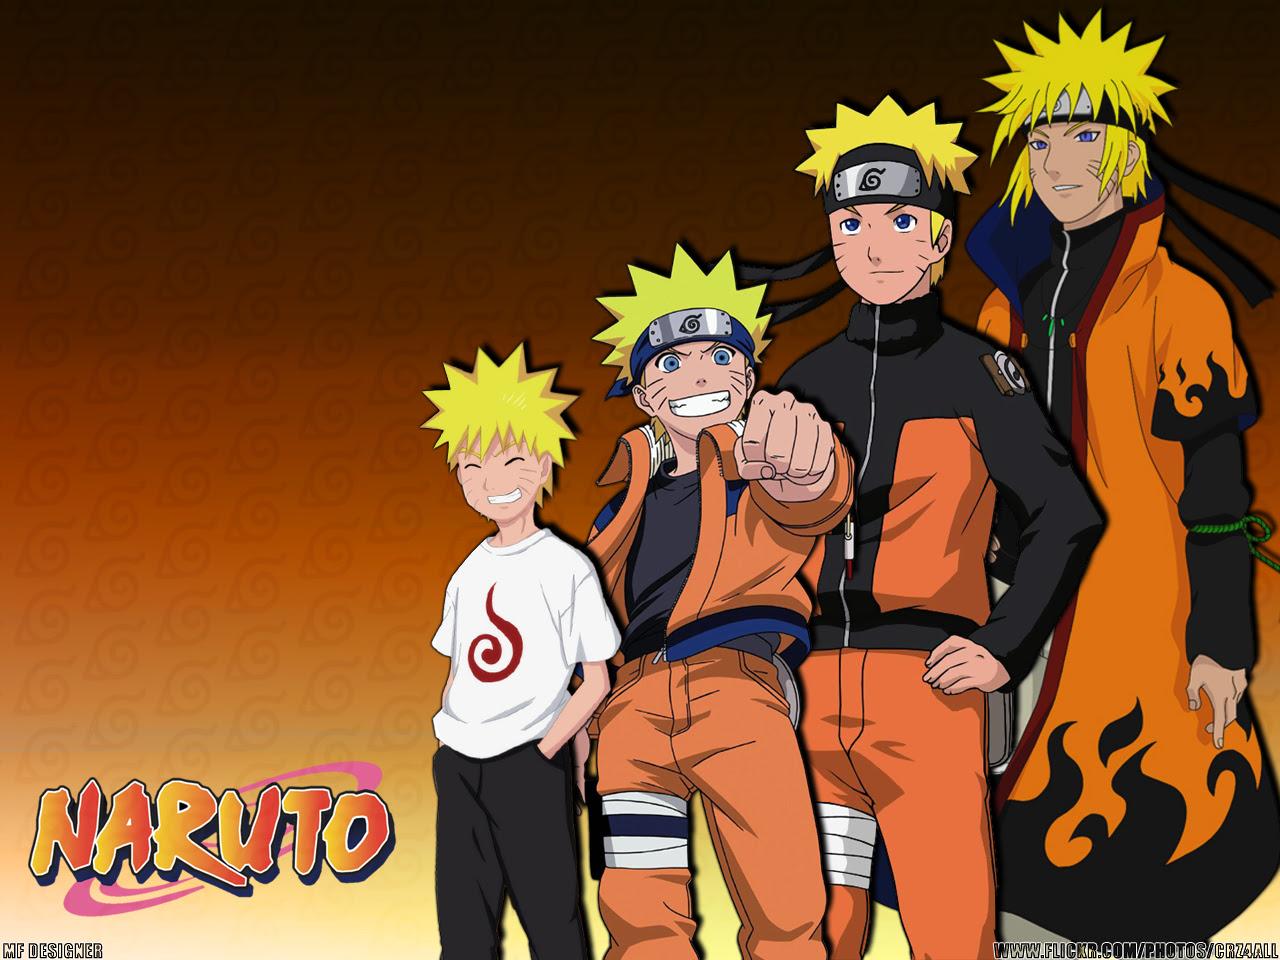 Naruto  Naruto Photo 33432792  Fanpop